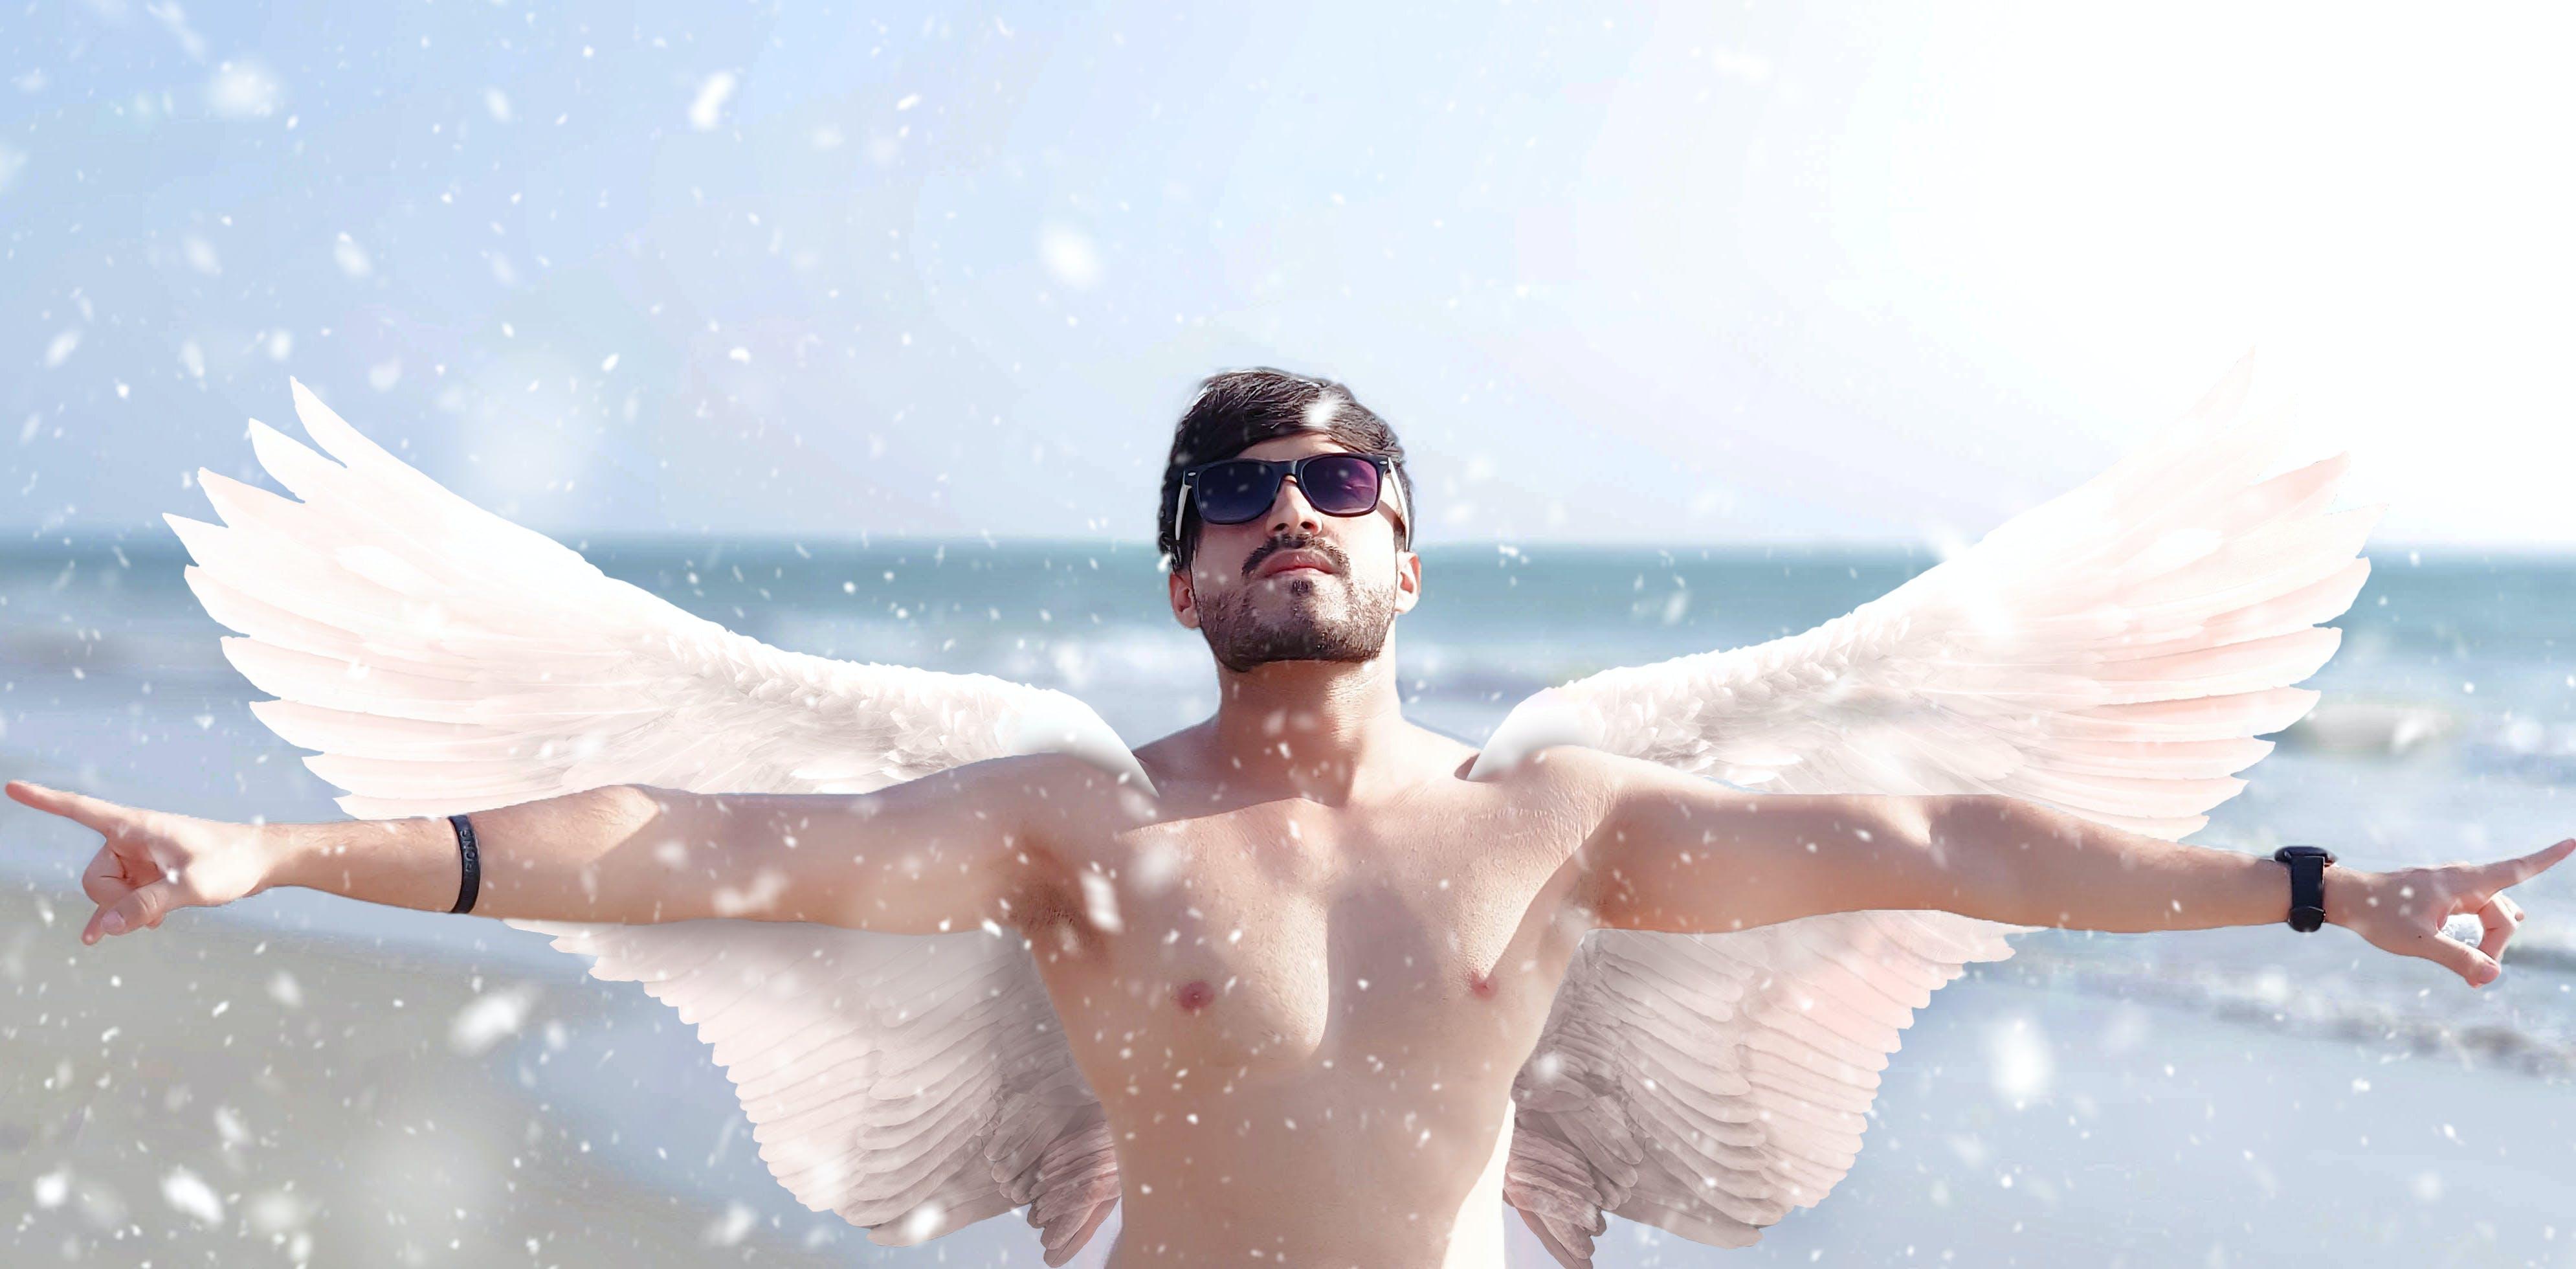 Δωρεάν στοκ φωτογραφιών με άγγελος, φτερά